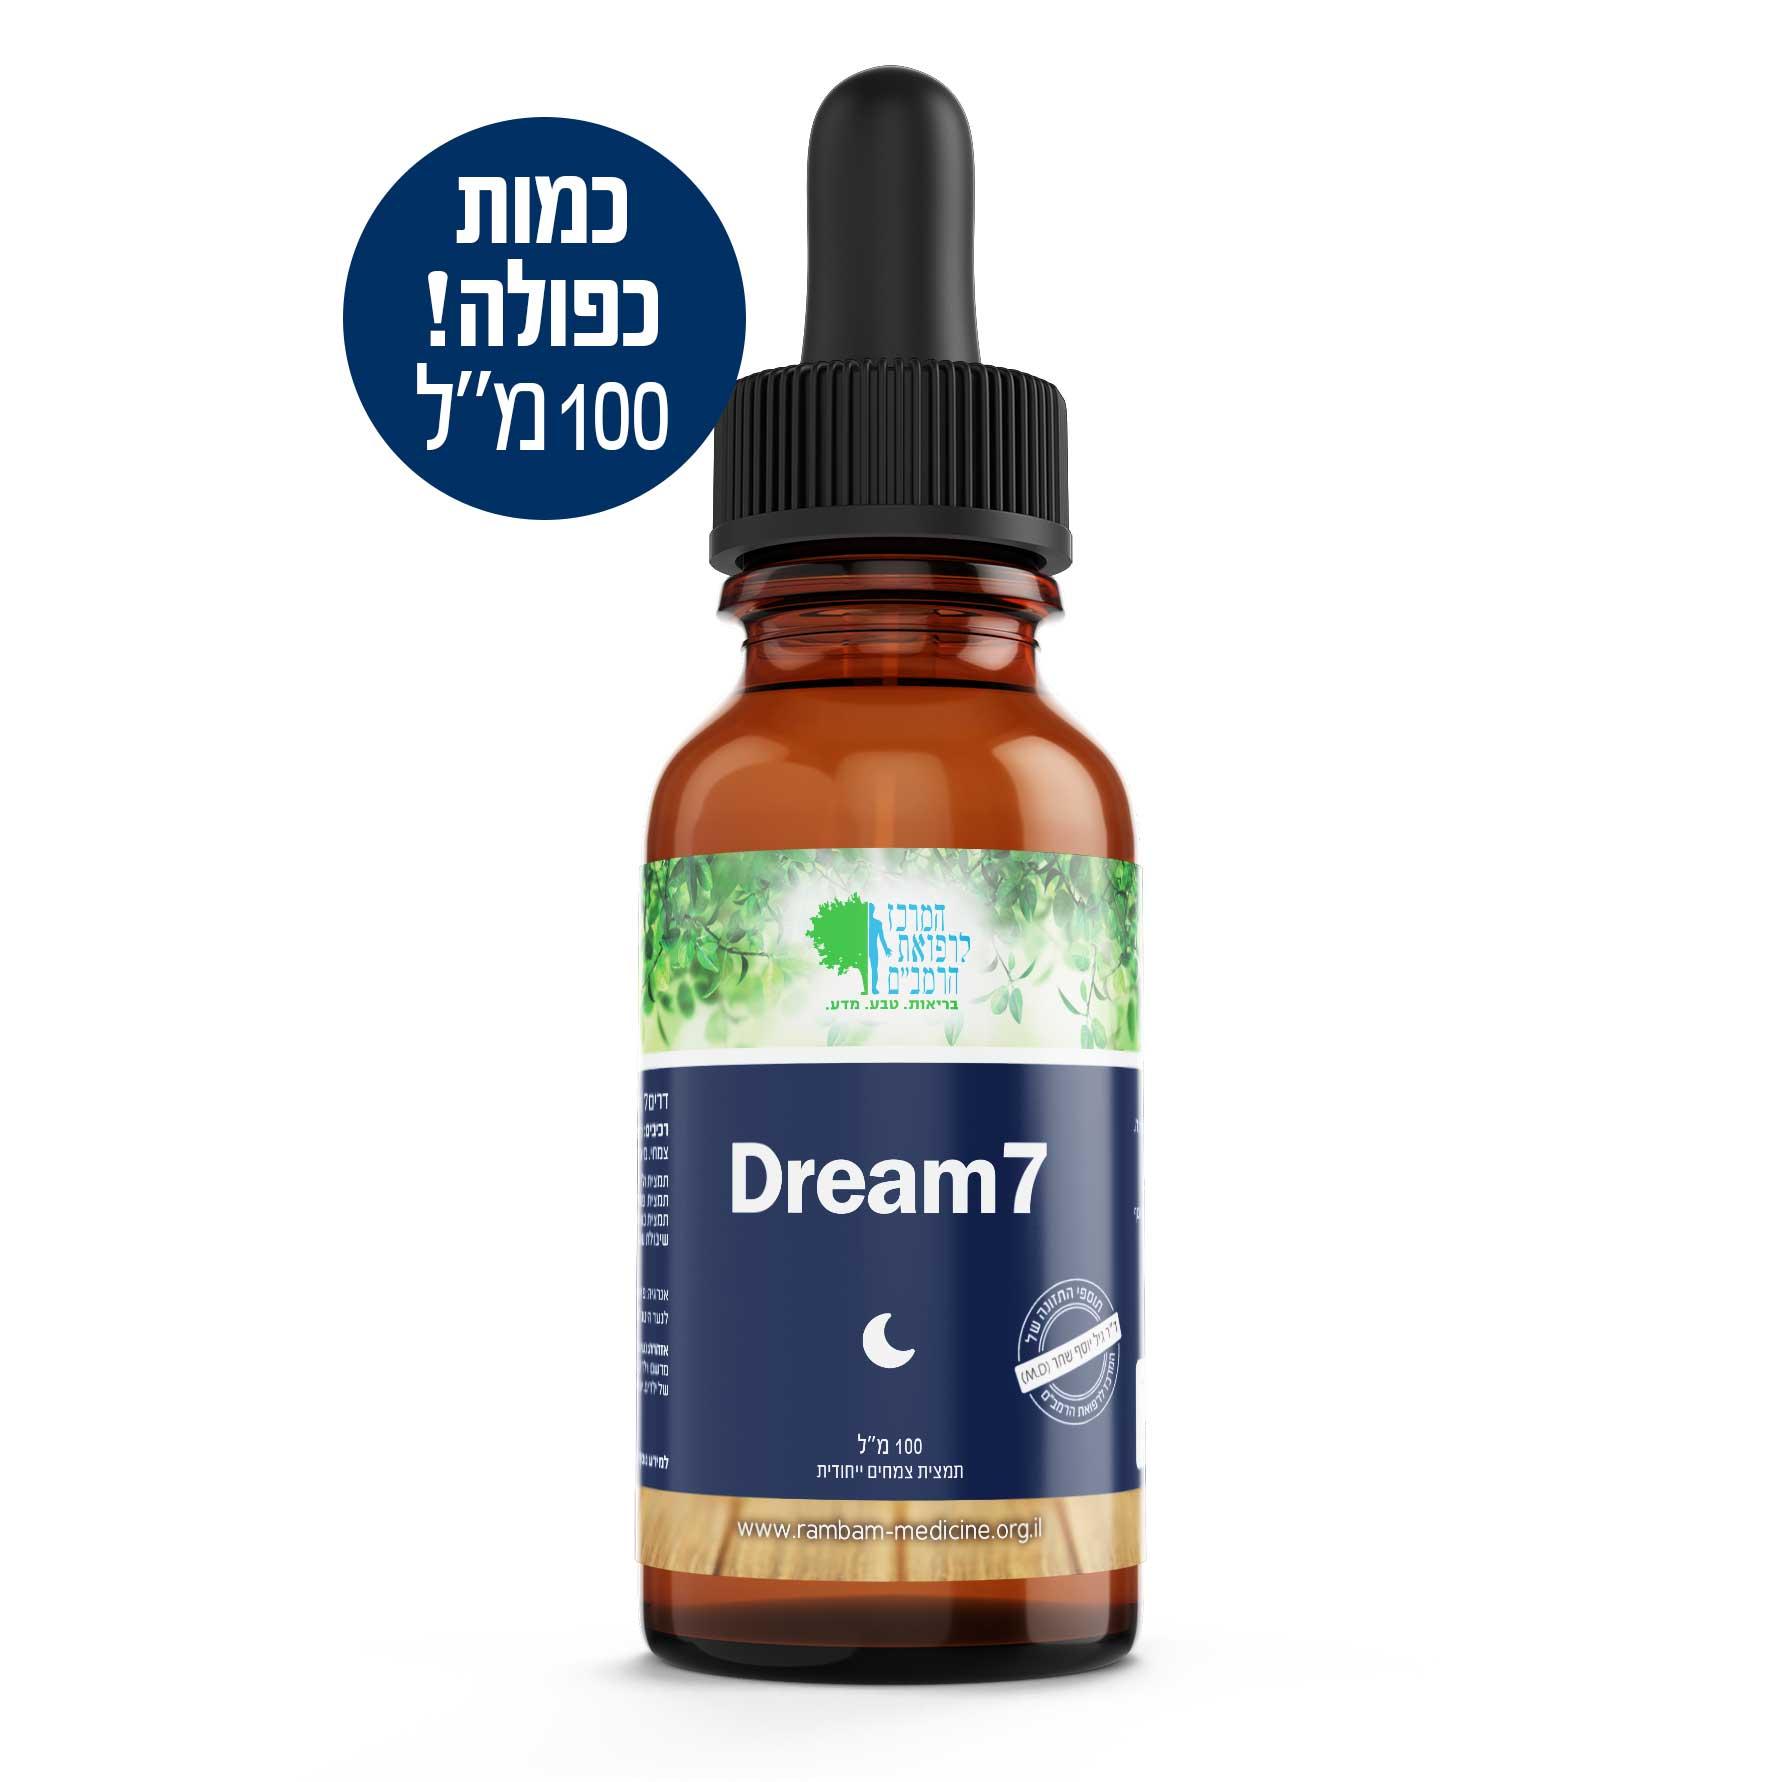 Dream- 7 - להרדם בקלות ולישון טוב יותר